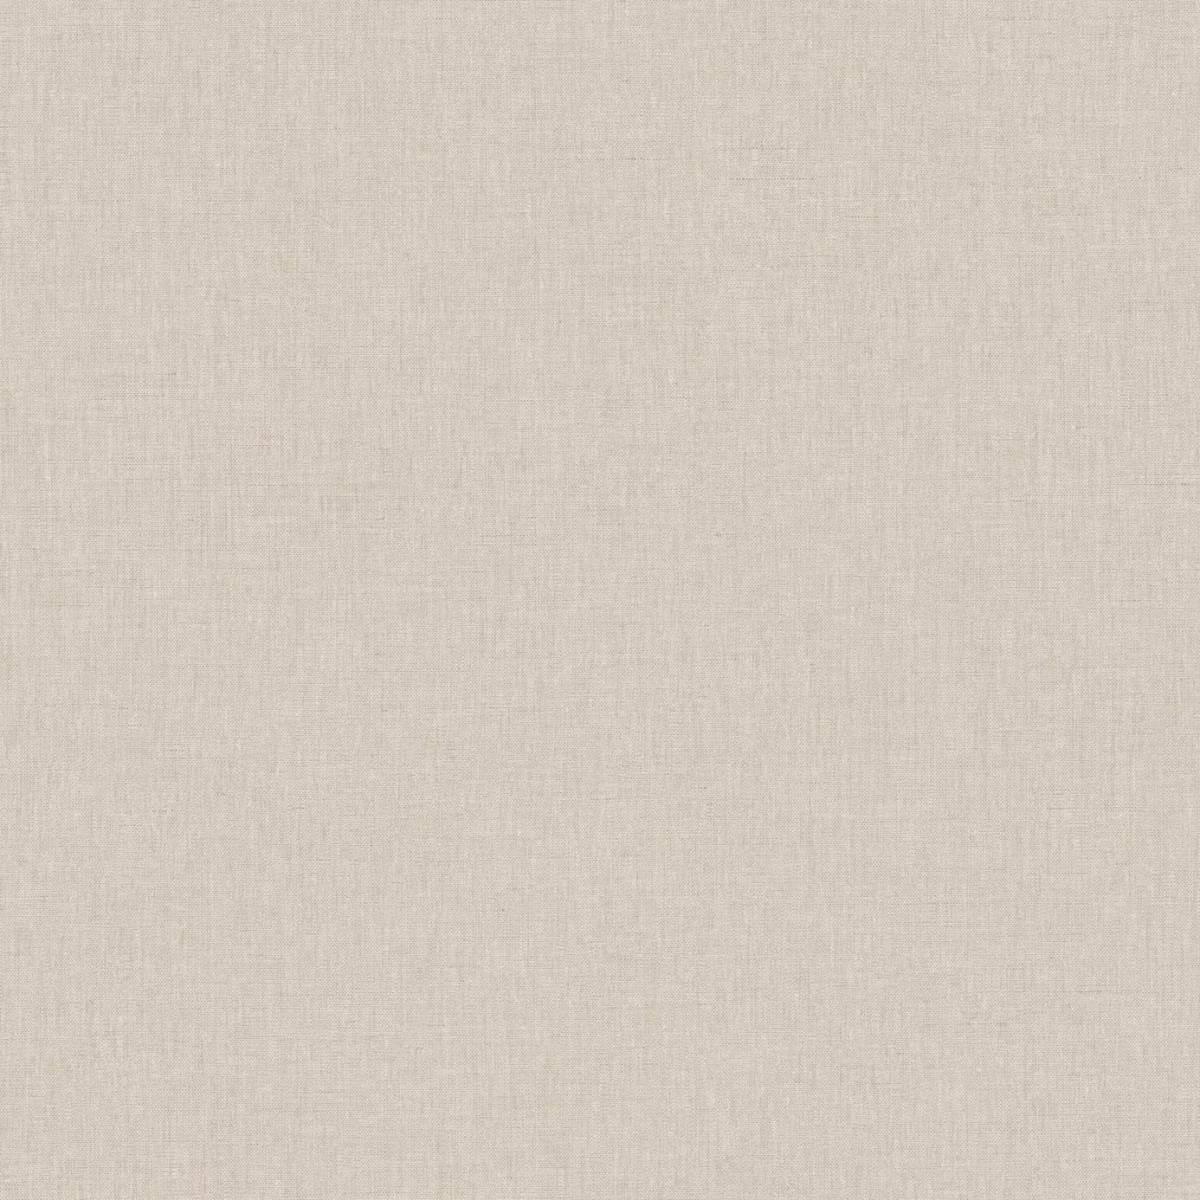 Caselio Linen Wallpaperproduct Code 68521716